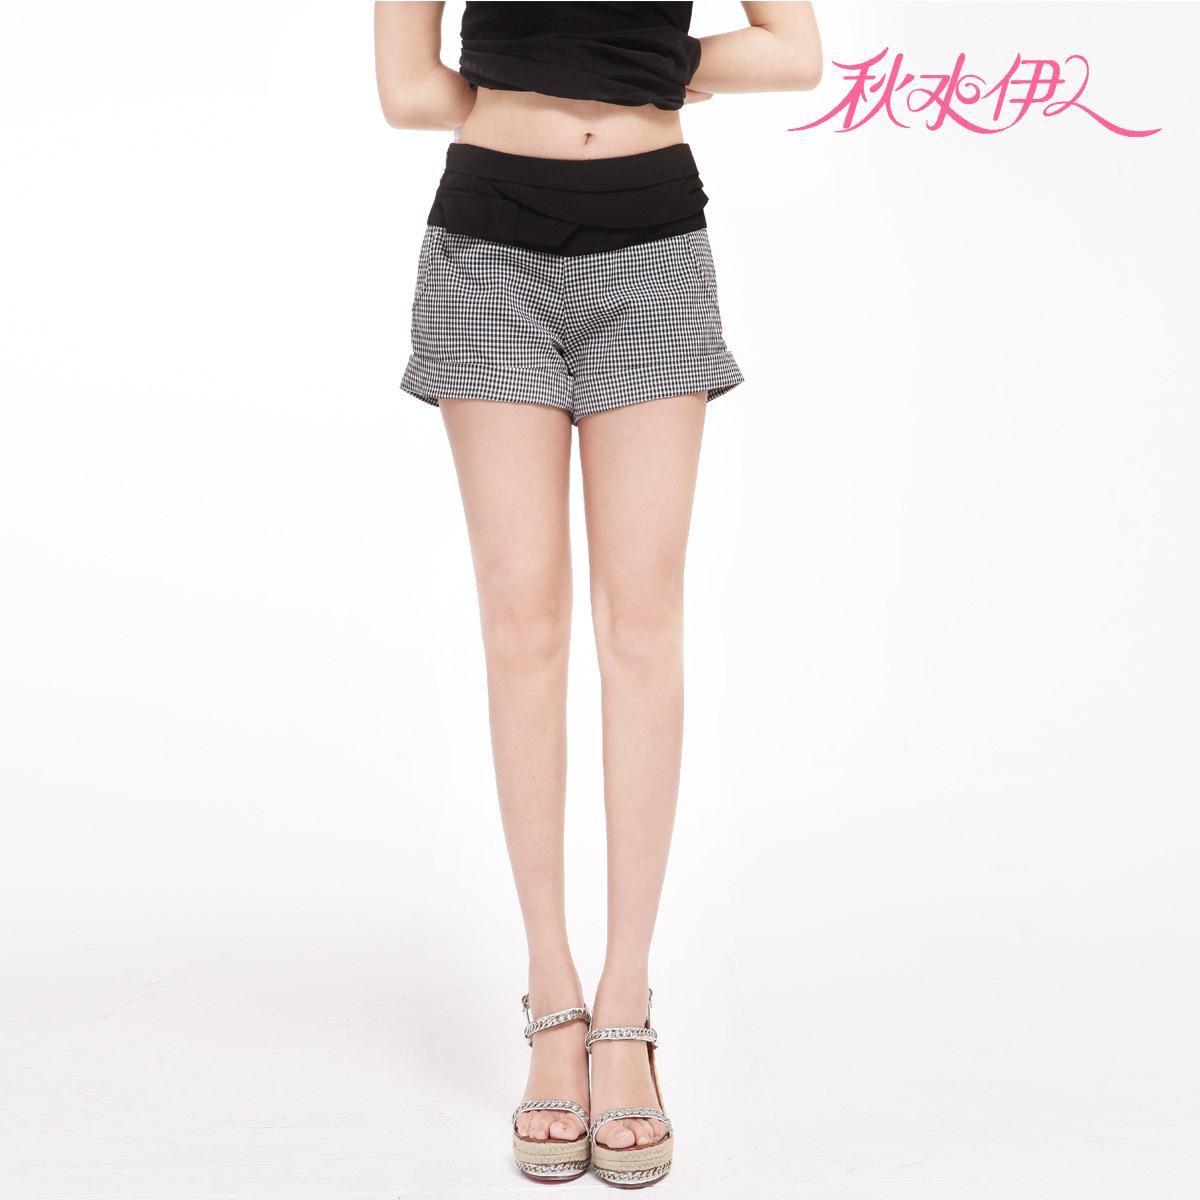 QIUSHUIYIREN 2012 fashion patchwork check shorts 112108060 288